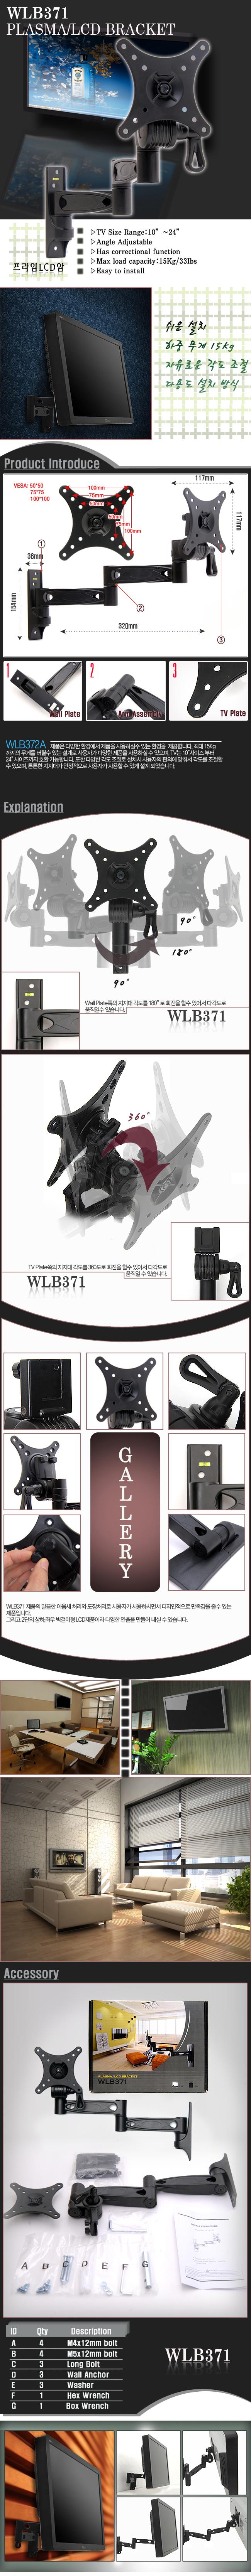 프라임디렉트 WLB371 모니터 암 벽설치형